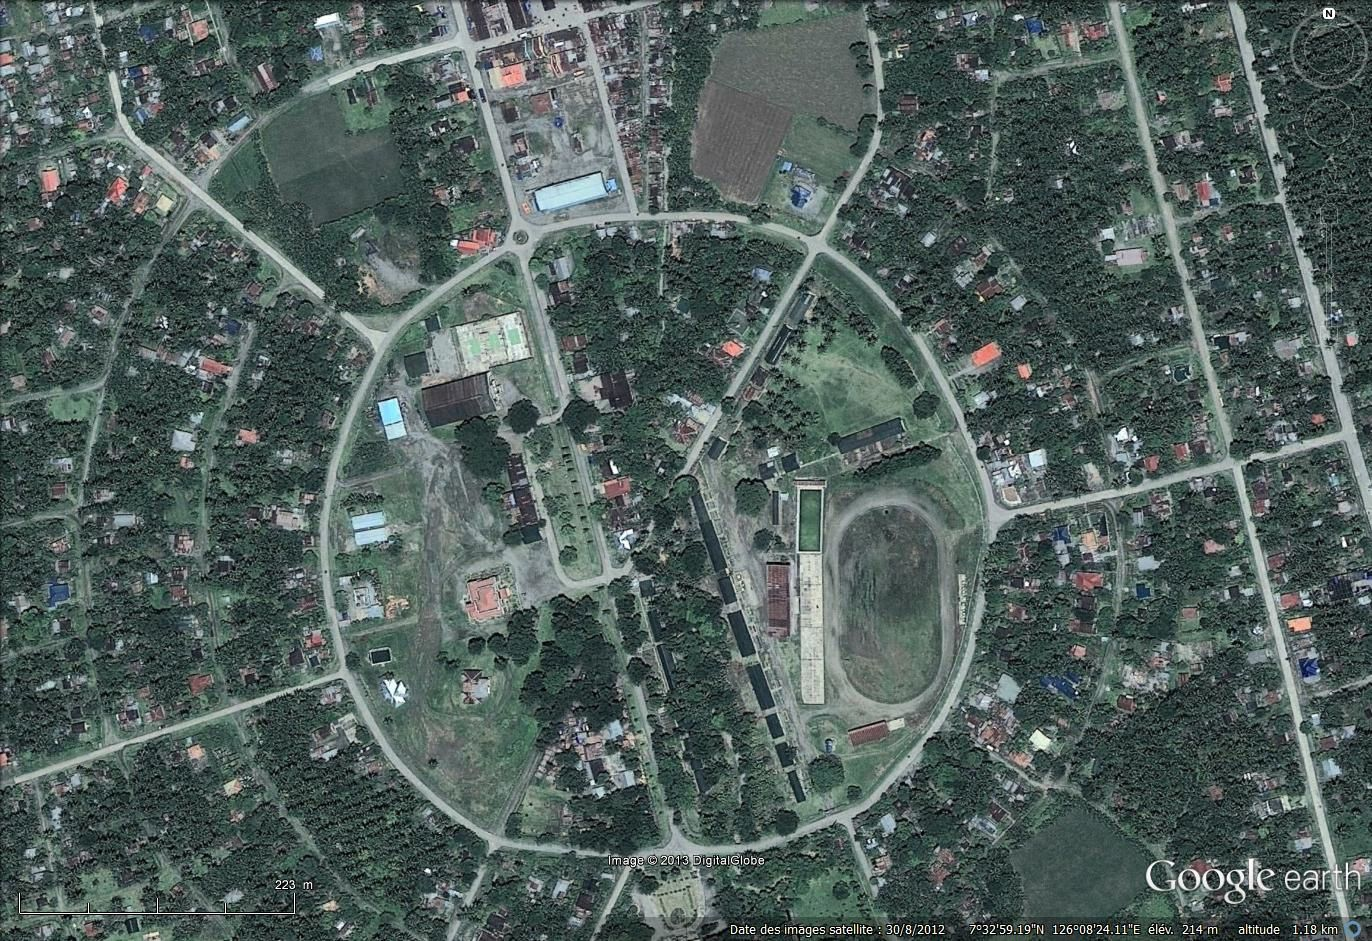 A quelques dizaines de kilomètres, la ville nouvelle de New Bataan (imagerie Google earth, 2012)